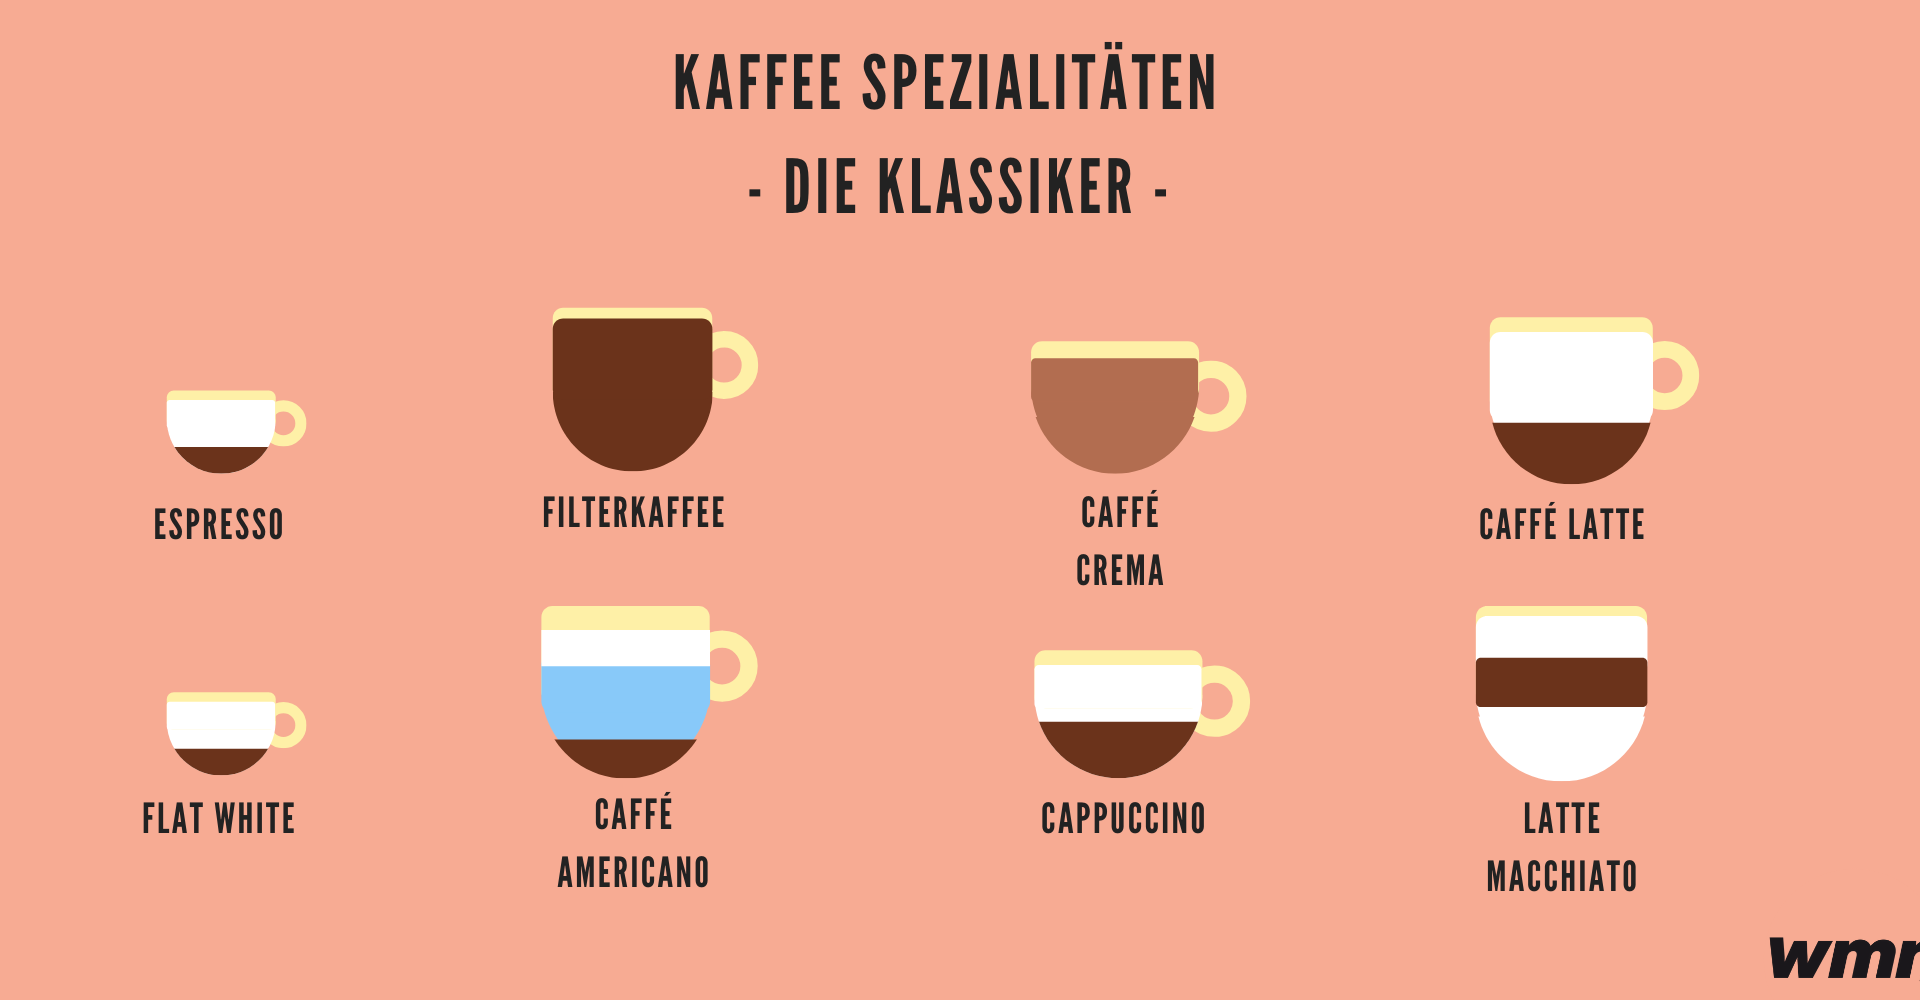 wmn Kaffee Spezialitäten Übersicht